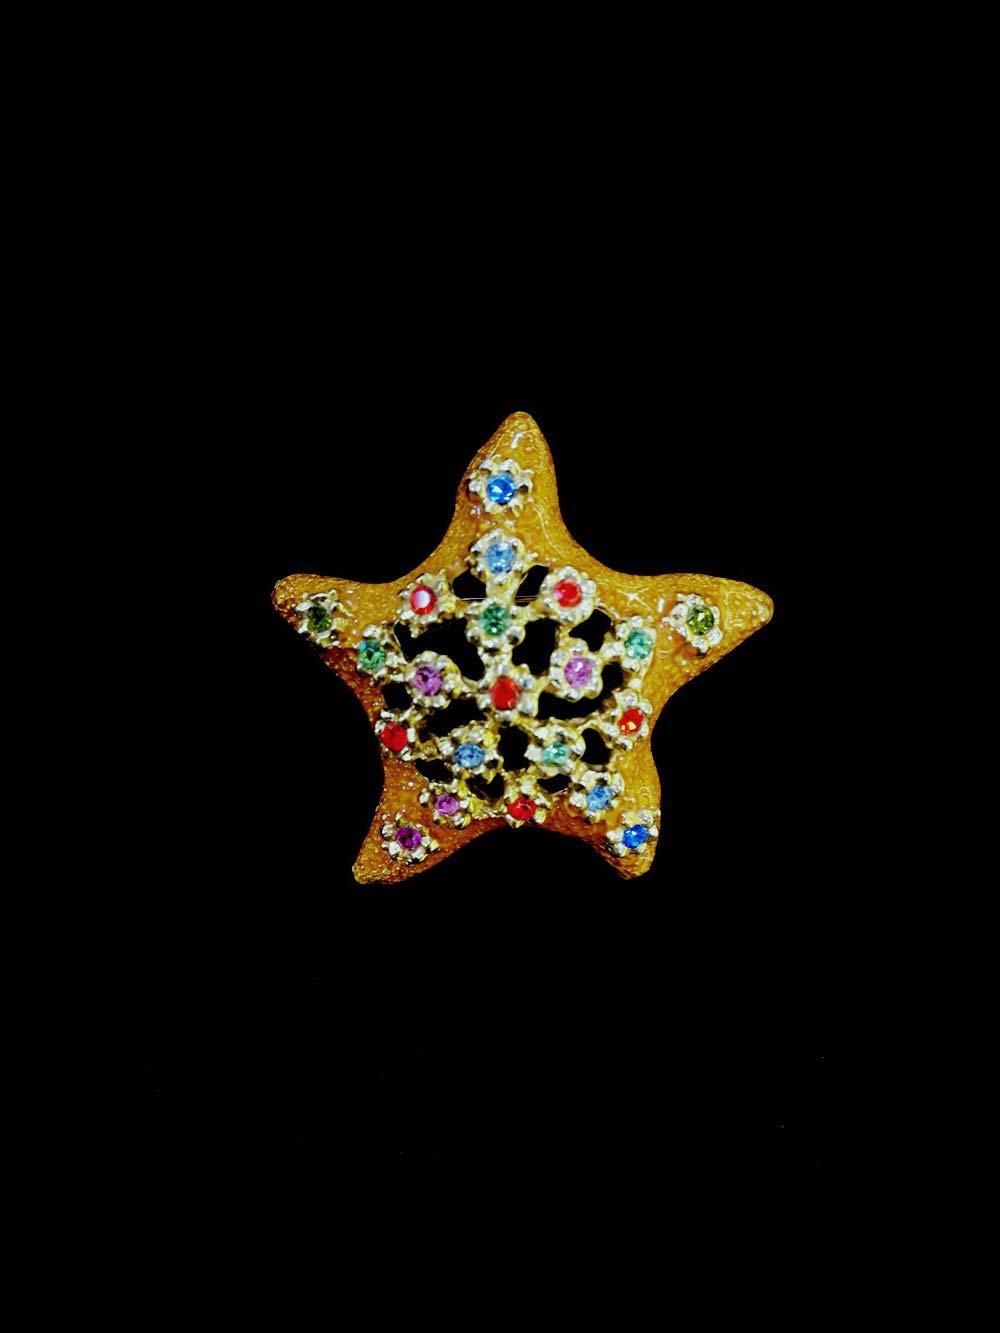 """Брошь """"Морская звезда"""". Металл, золочение, эмаль, стразы. Франция, ХХ век. Размер: 5,5 см."""